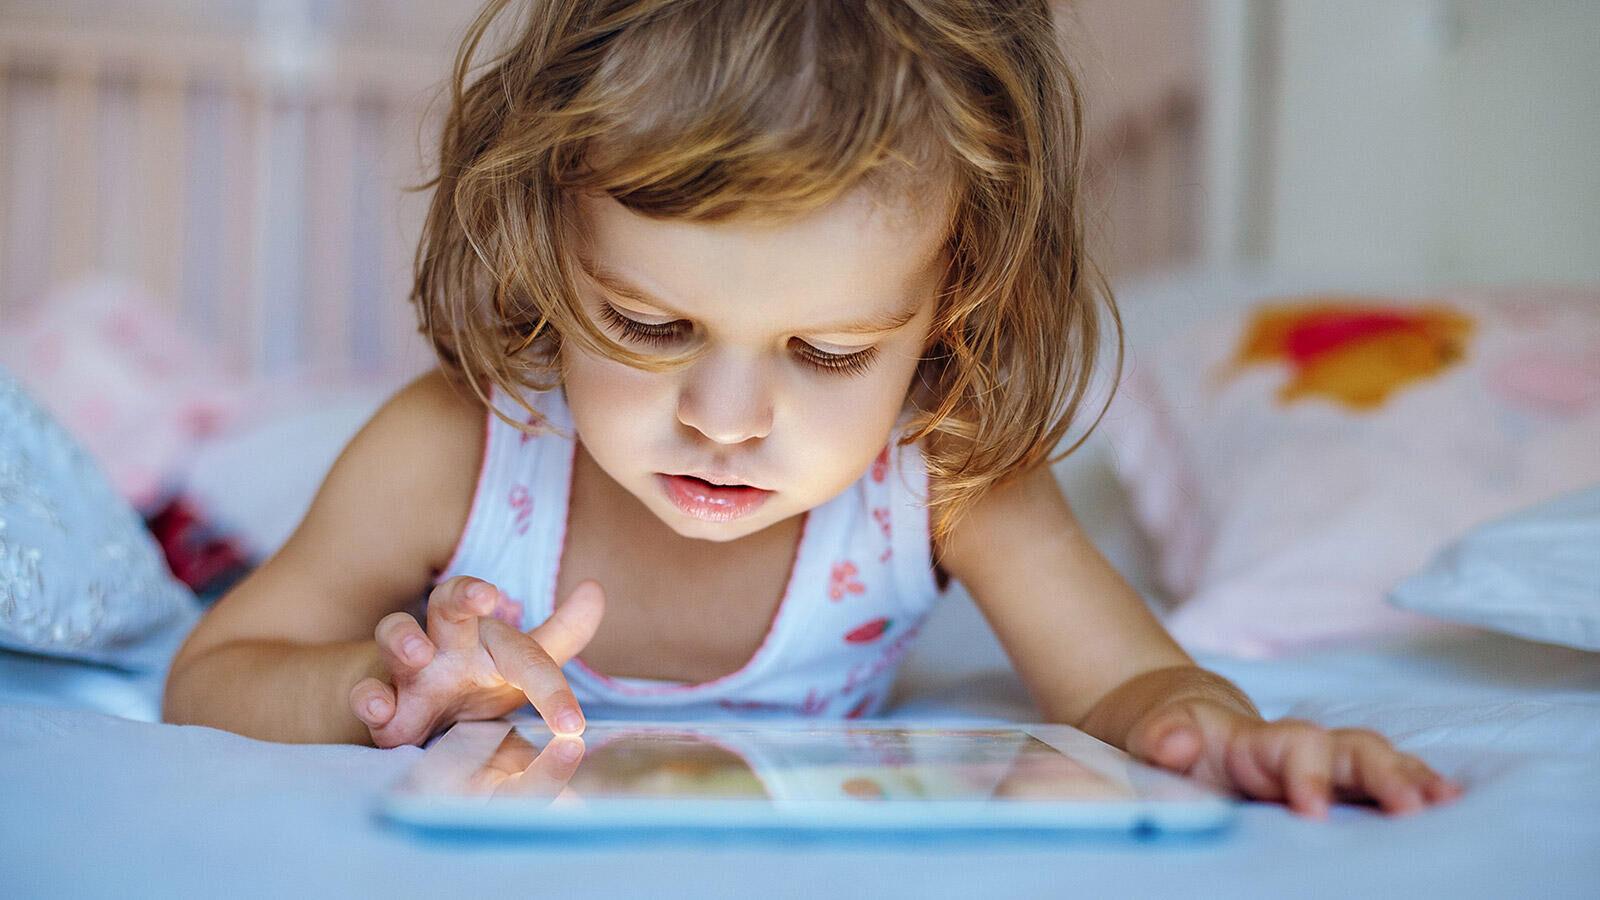 Maak je tablet kindvriendelijk/veilig